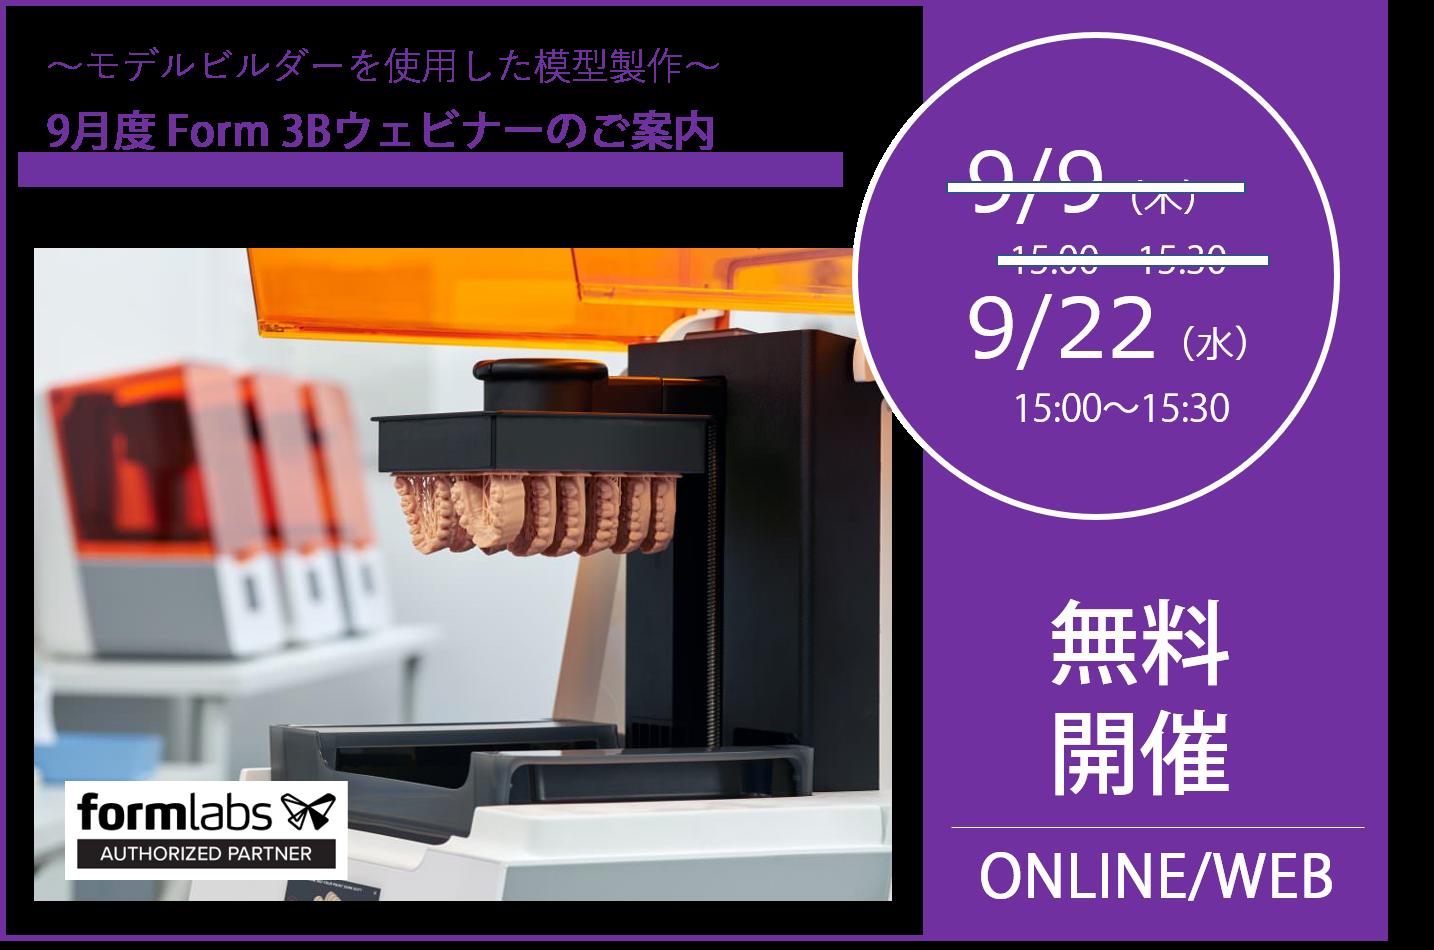 9/22(水)15:00~15:30|9月度 Form 3Bウェビナーのご案内